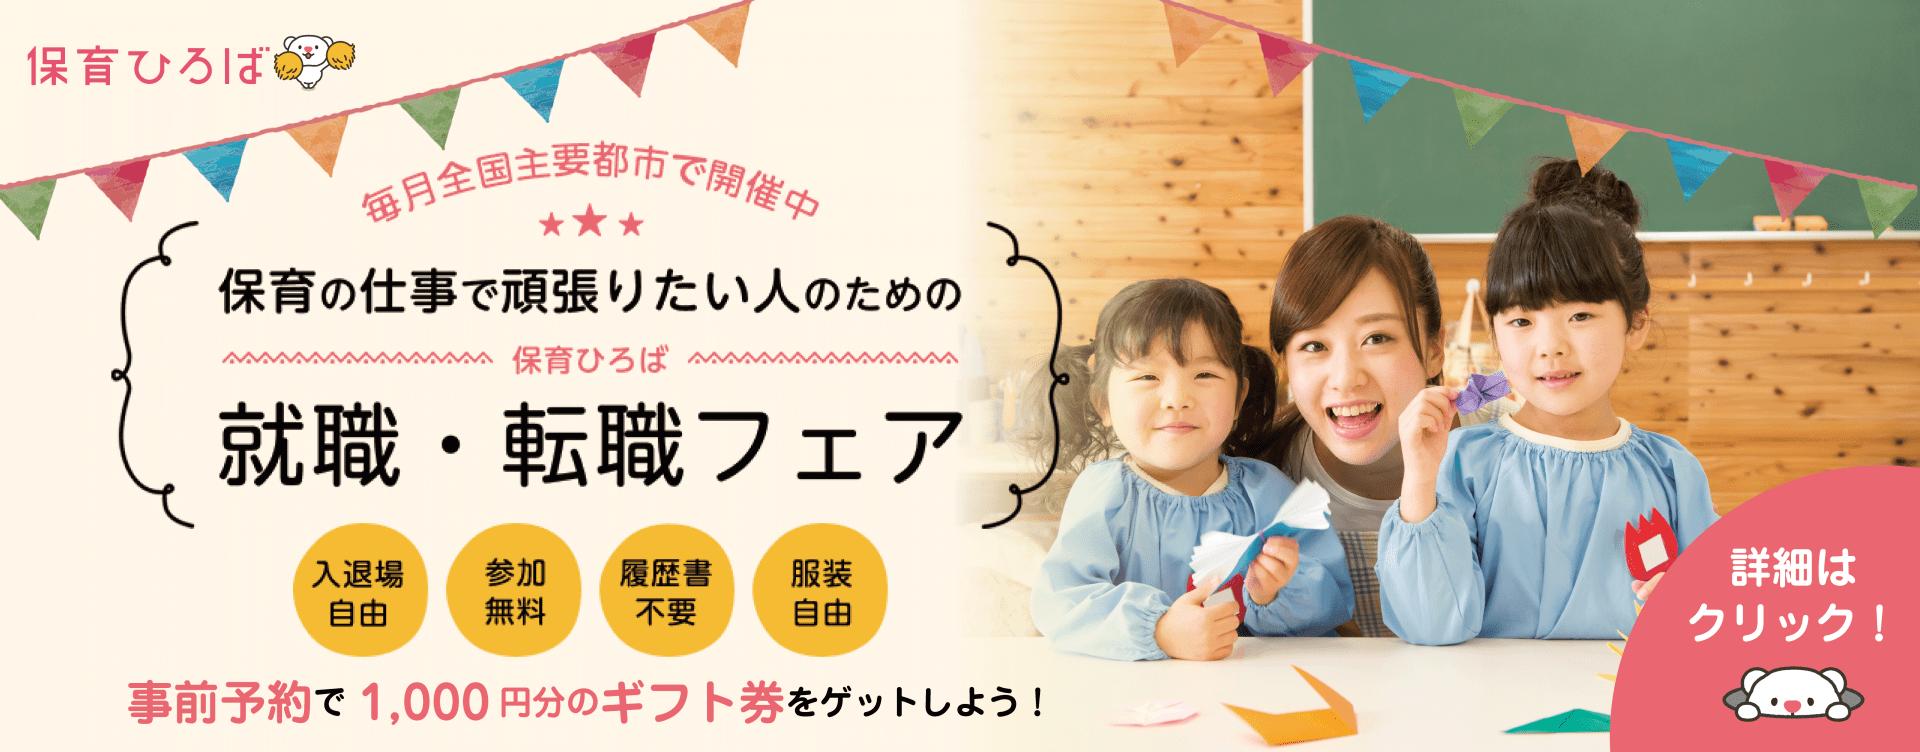 hoikuhiroba-fair.com